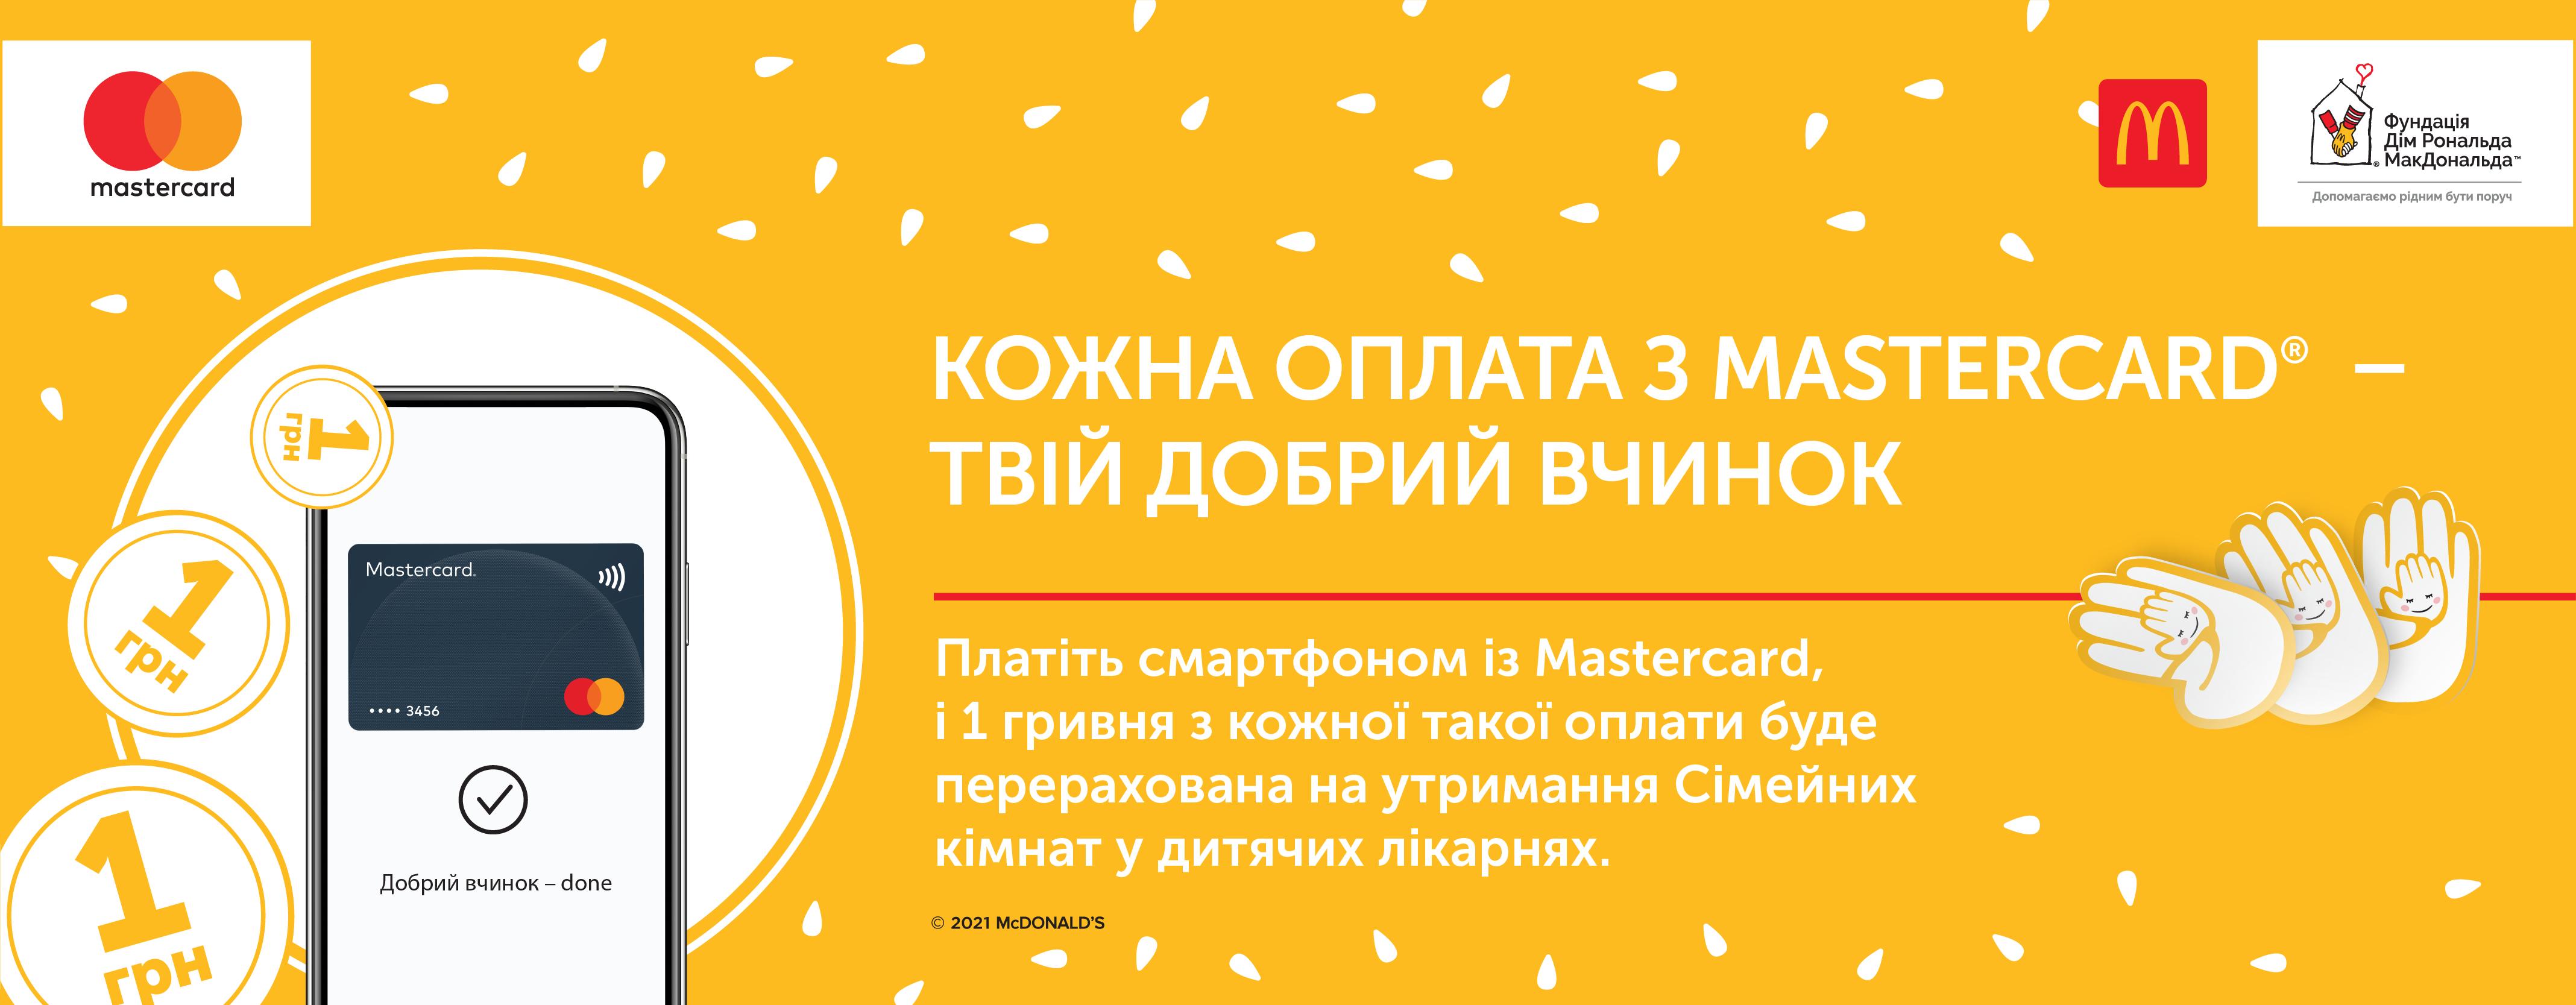 Mastercard підтримує благодійну програму «Долонька щастя»